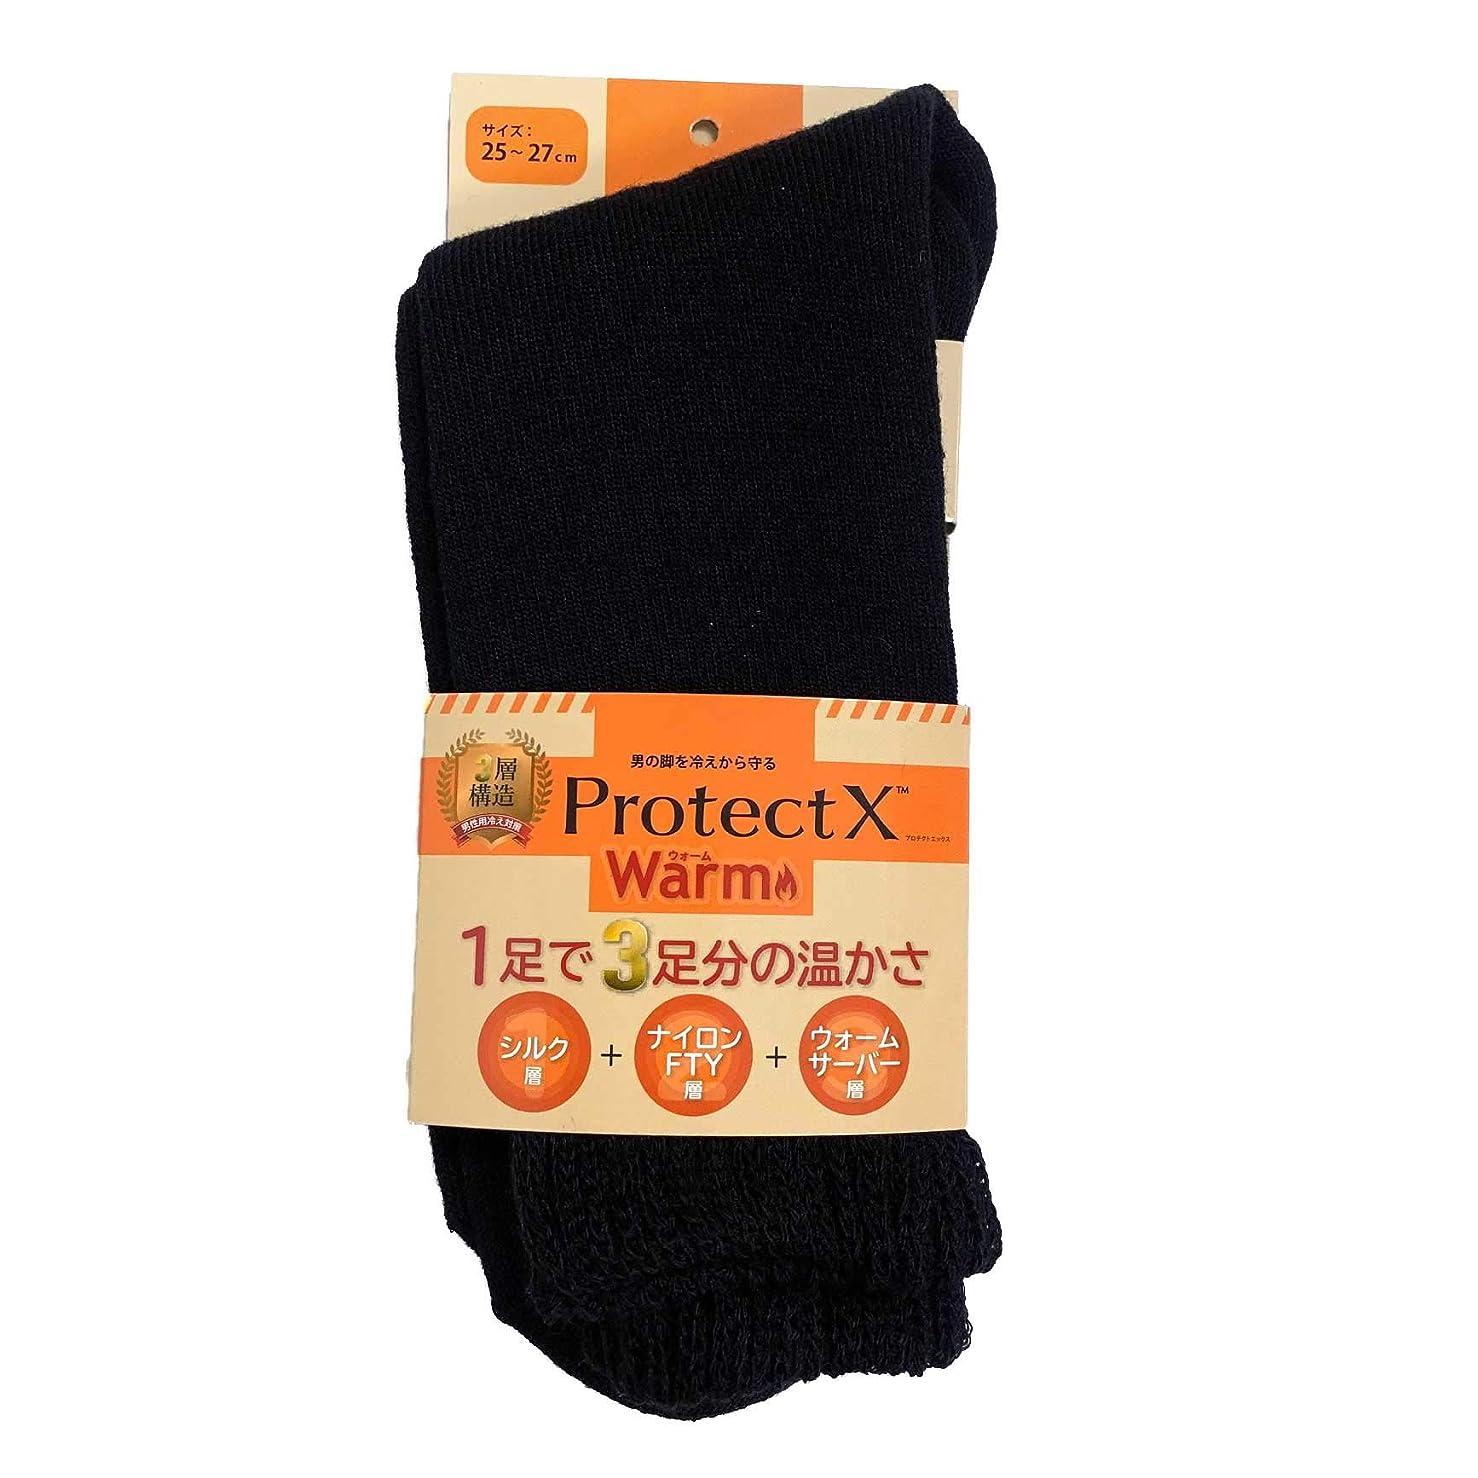 全国教育靄冷え性対策 履き口柔らか 男性用冷え対策 シルク100%(内側) 3層構造 防寒ソックス 25-27cm ブラック